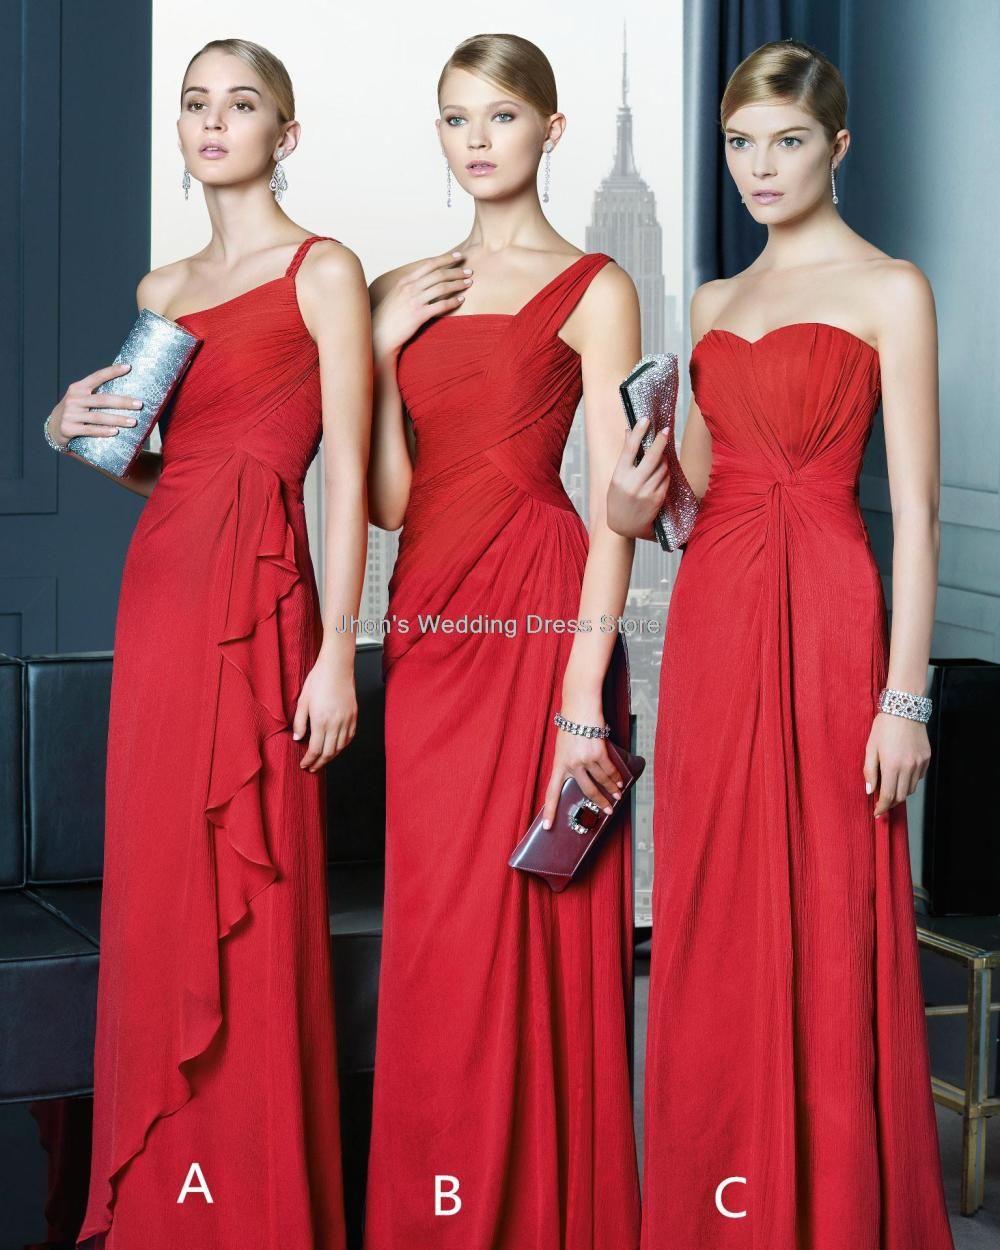 Red three style one-shoulder A-Line vestido de festa longo sequins sleeveless party dresses long Bridesmaid Dresses 2014 FIU-067 $119.99